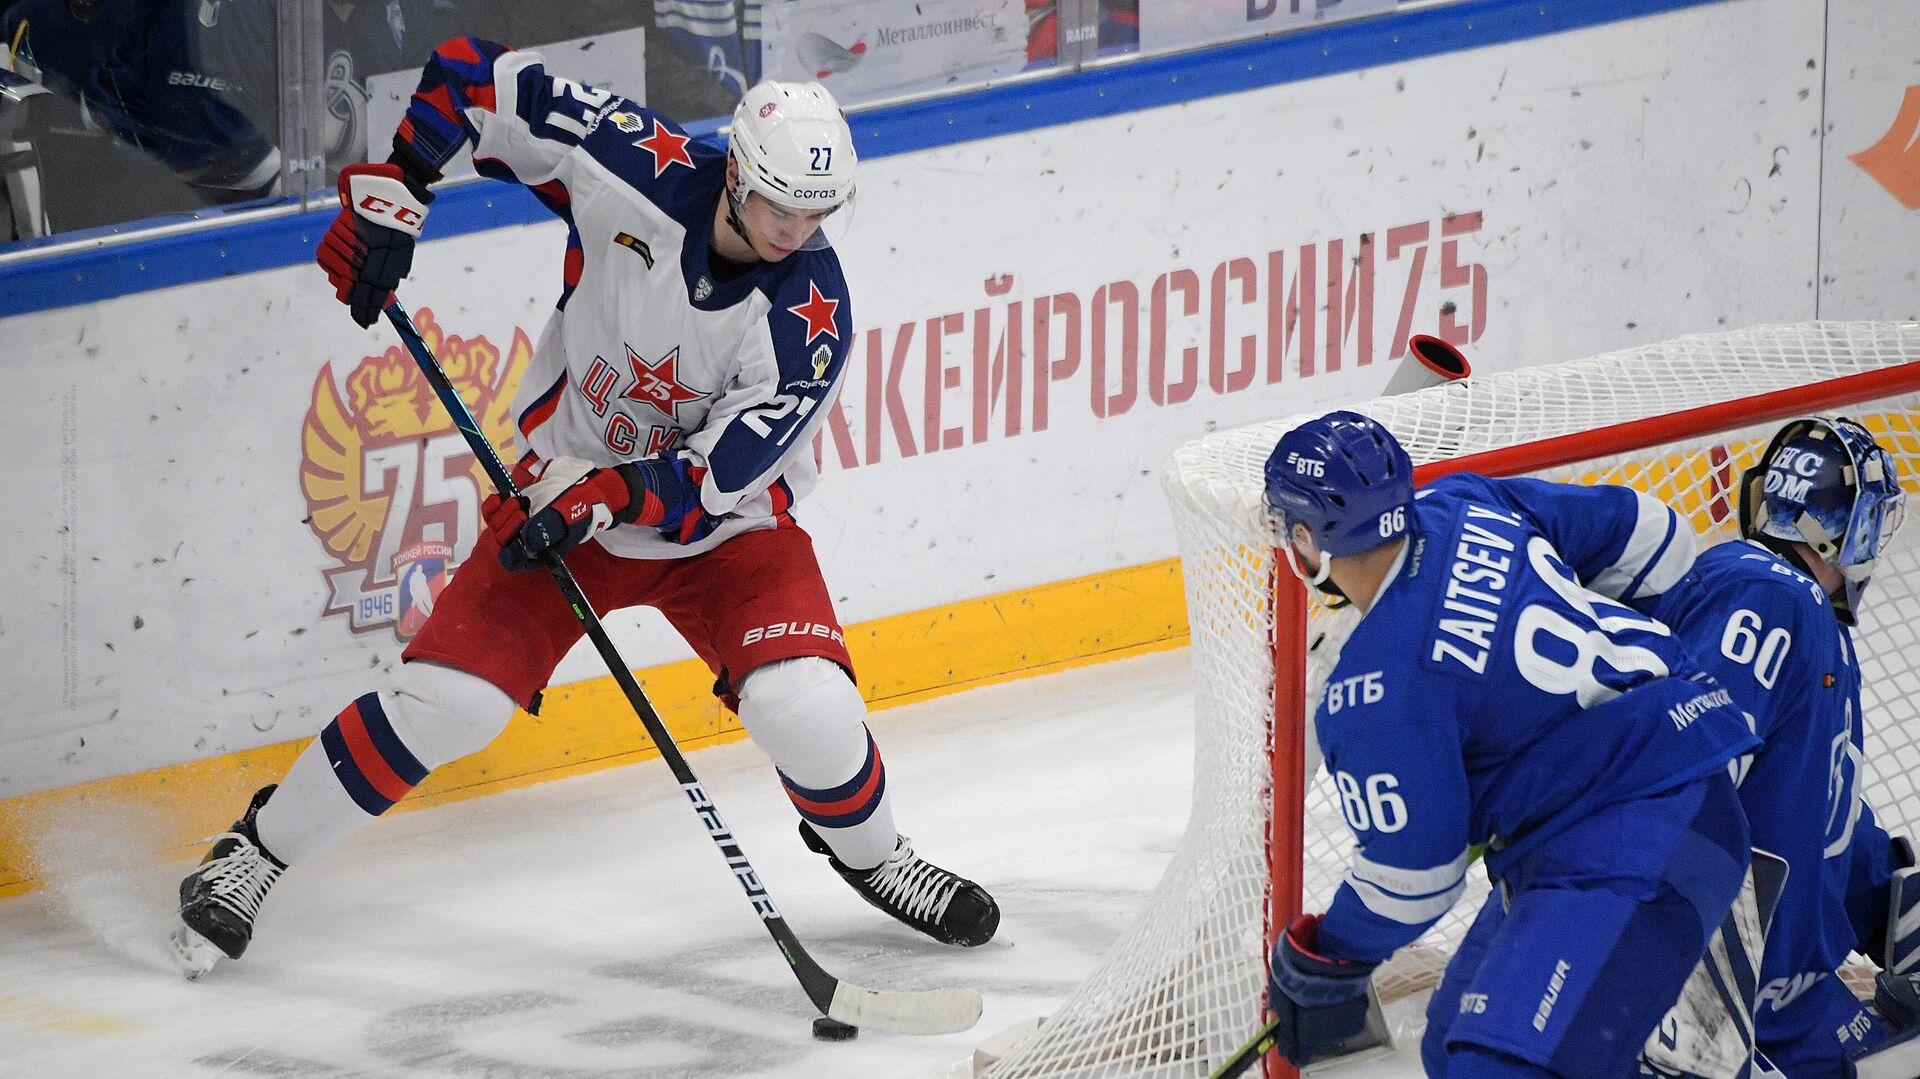 Игрок ЦСКА Максим Соркин (слева) в матче КХЛ - РИА Новости, 1920, 06.10.2021